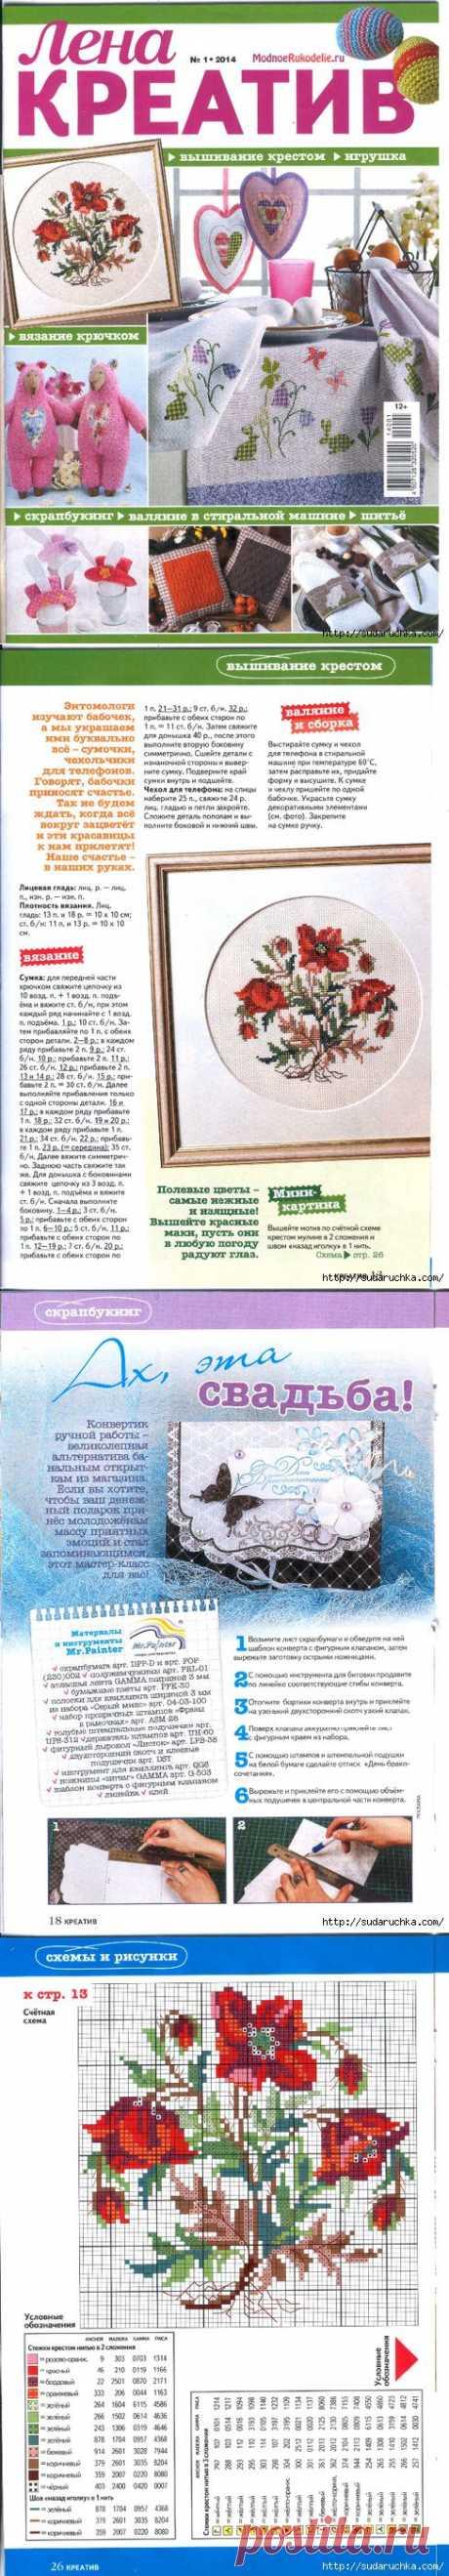 """""""Лена креатив 1\2014"""".Журнал по рукоделию.."""